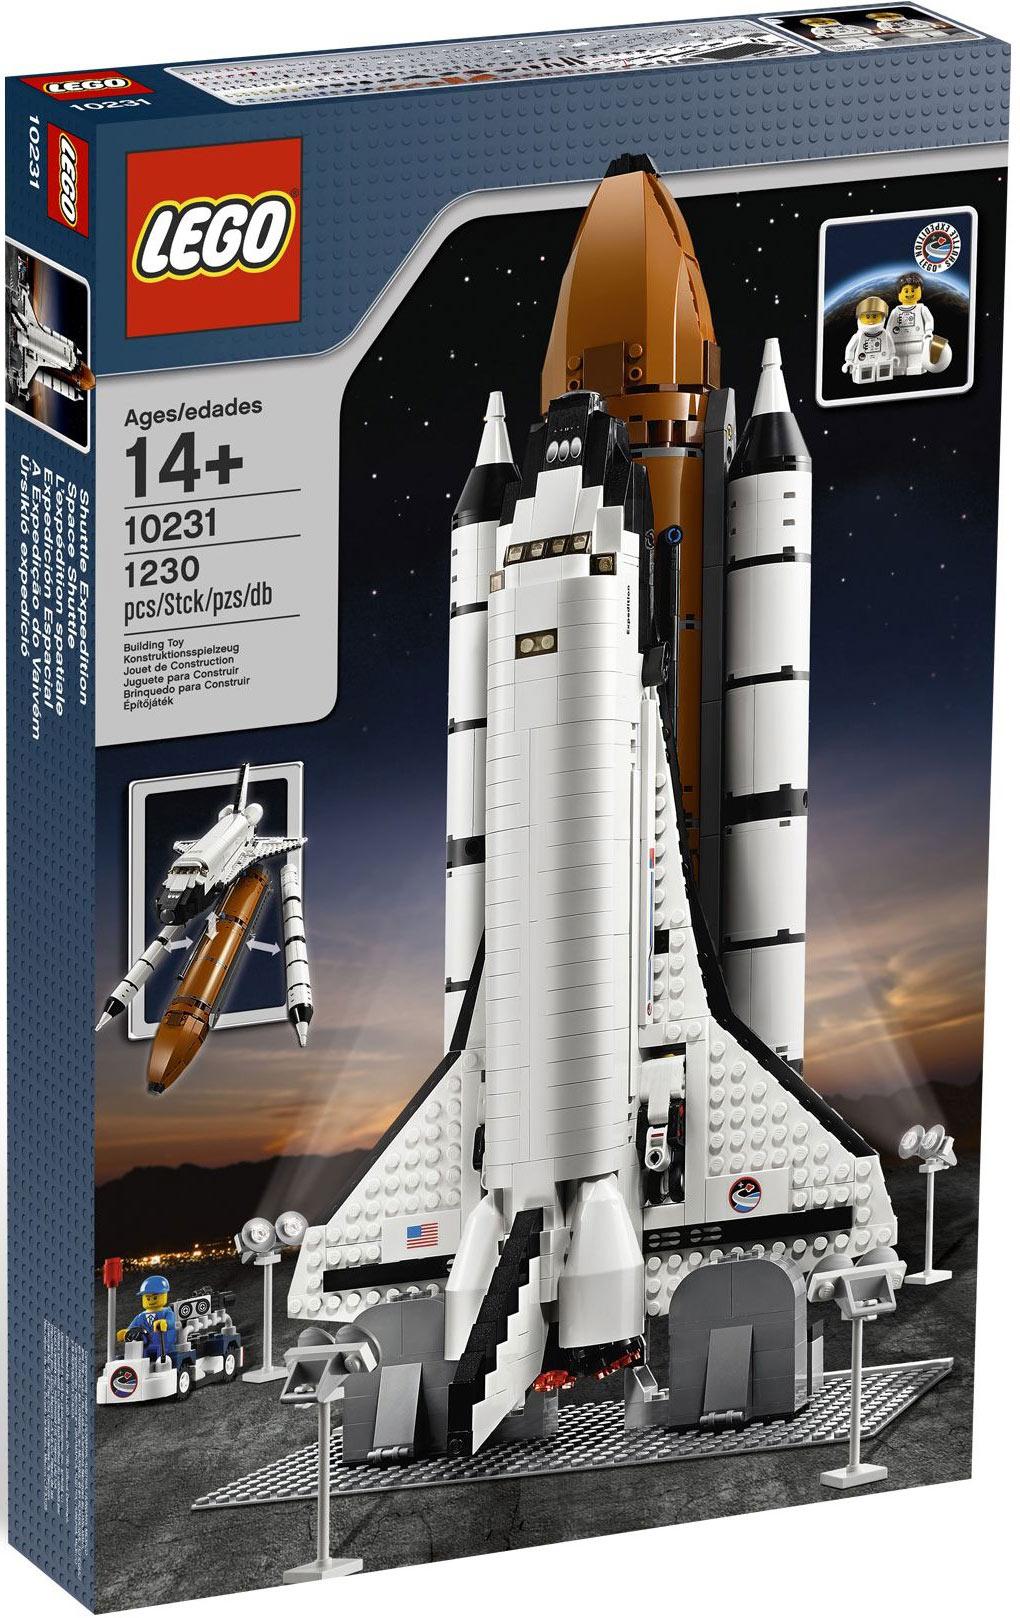 lego-creator-expert-shuttle-expedition-10231-box zusammengebaut.com